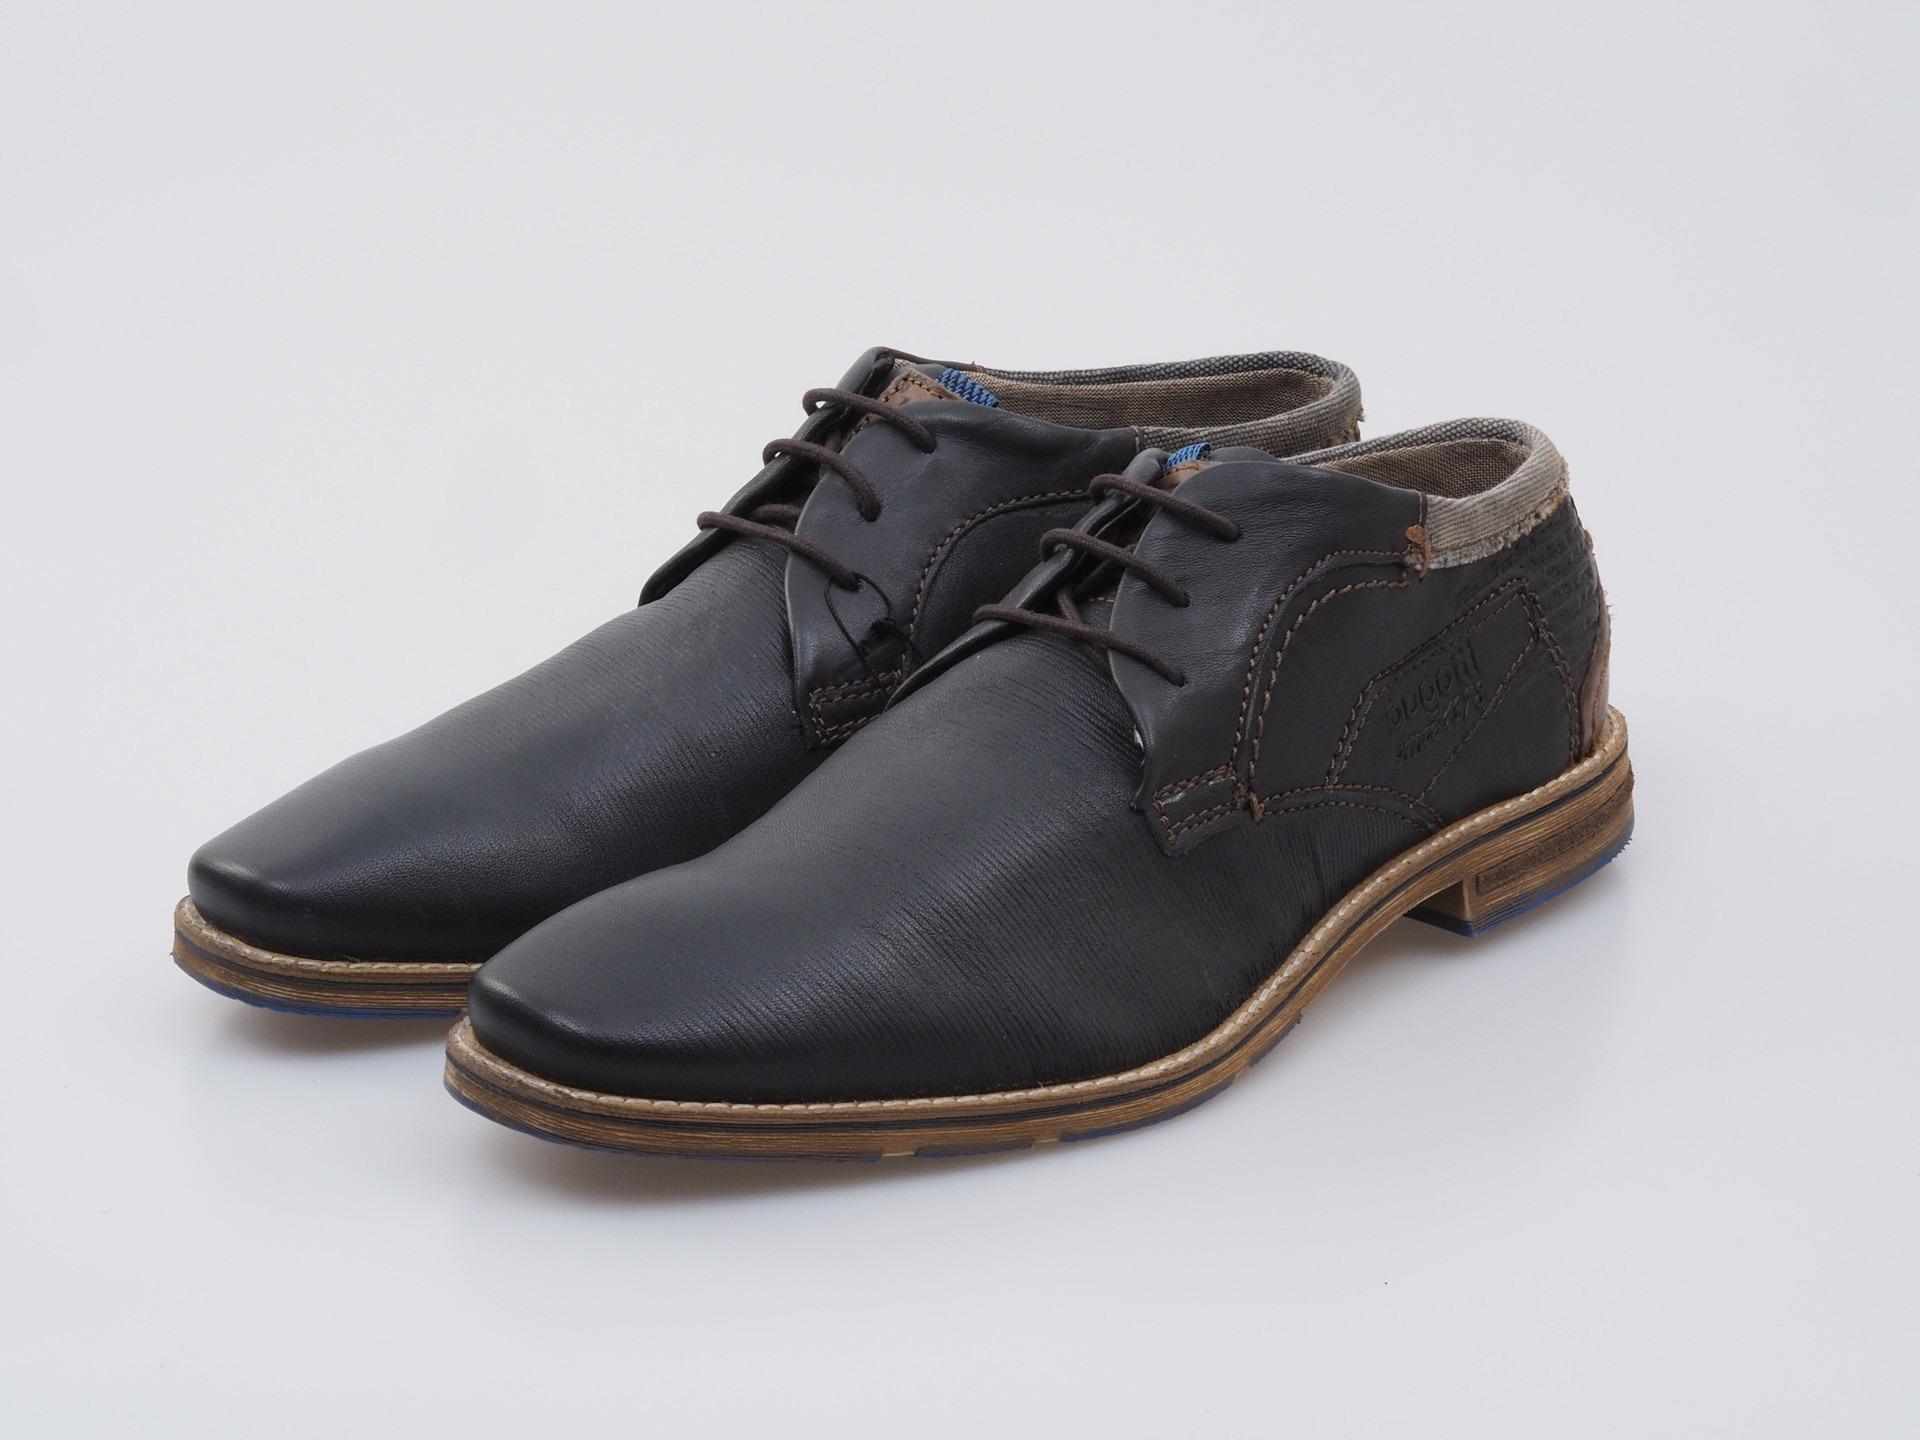 Soňa - Pánska obuv - Poltopánky - Bugatti pánska obuv 7f4f1a2e10